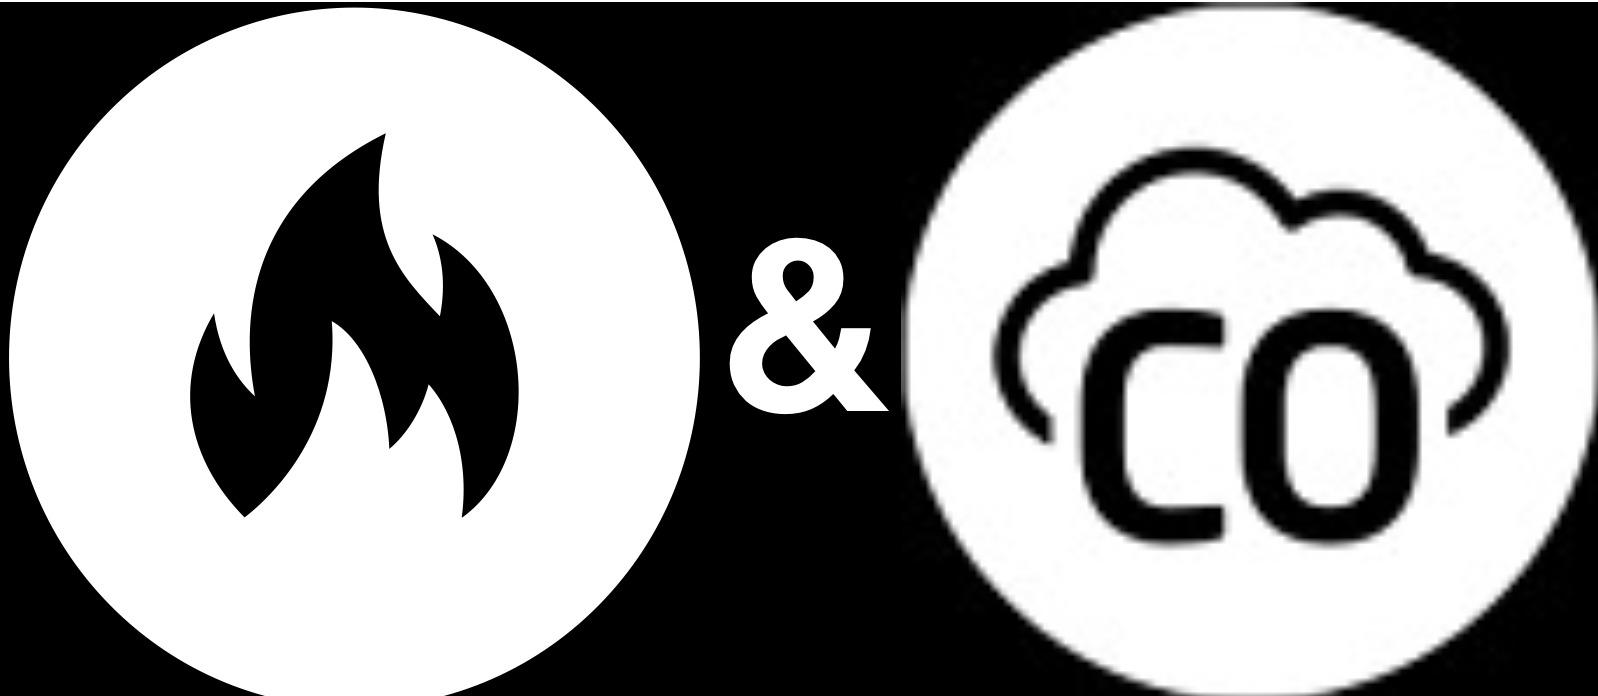 Badges_Rauch_und_CO.jpg